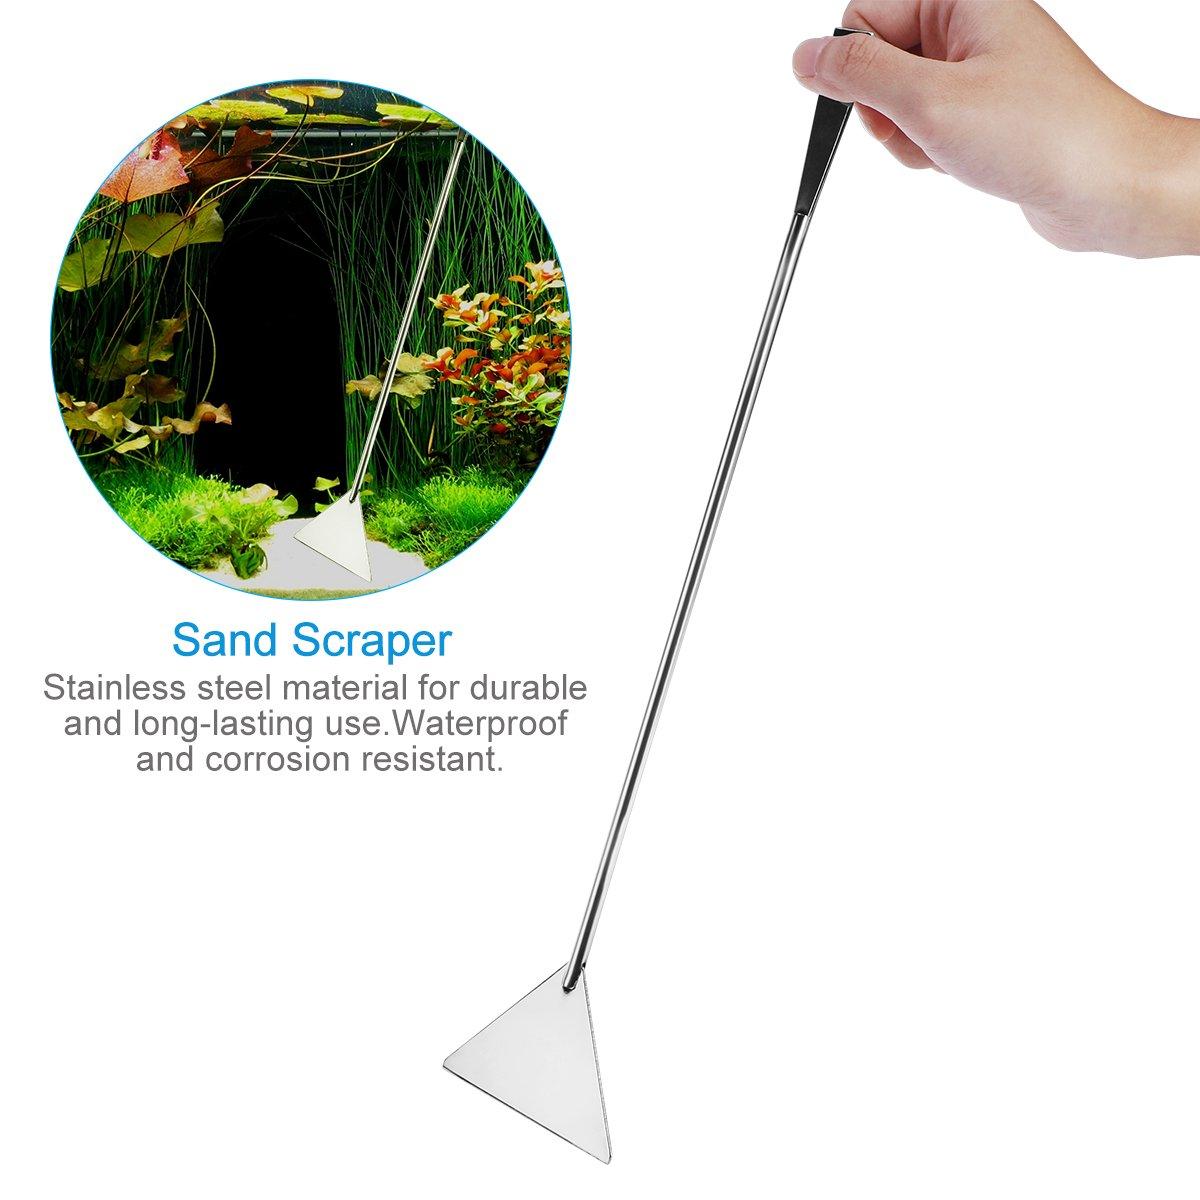 ... Aquascaping Kit 5 en 1 acero inoxidable acuario tanque planta acuática herramientas conjuntos pinzas tijera espátula: Amazon.es: Productos para mascotas